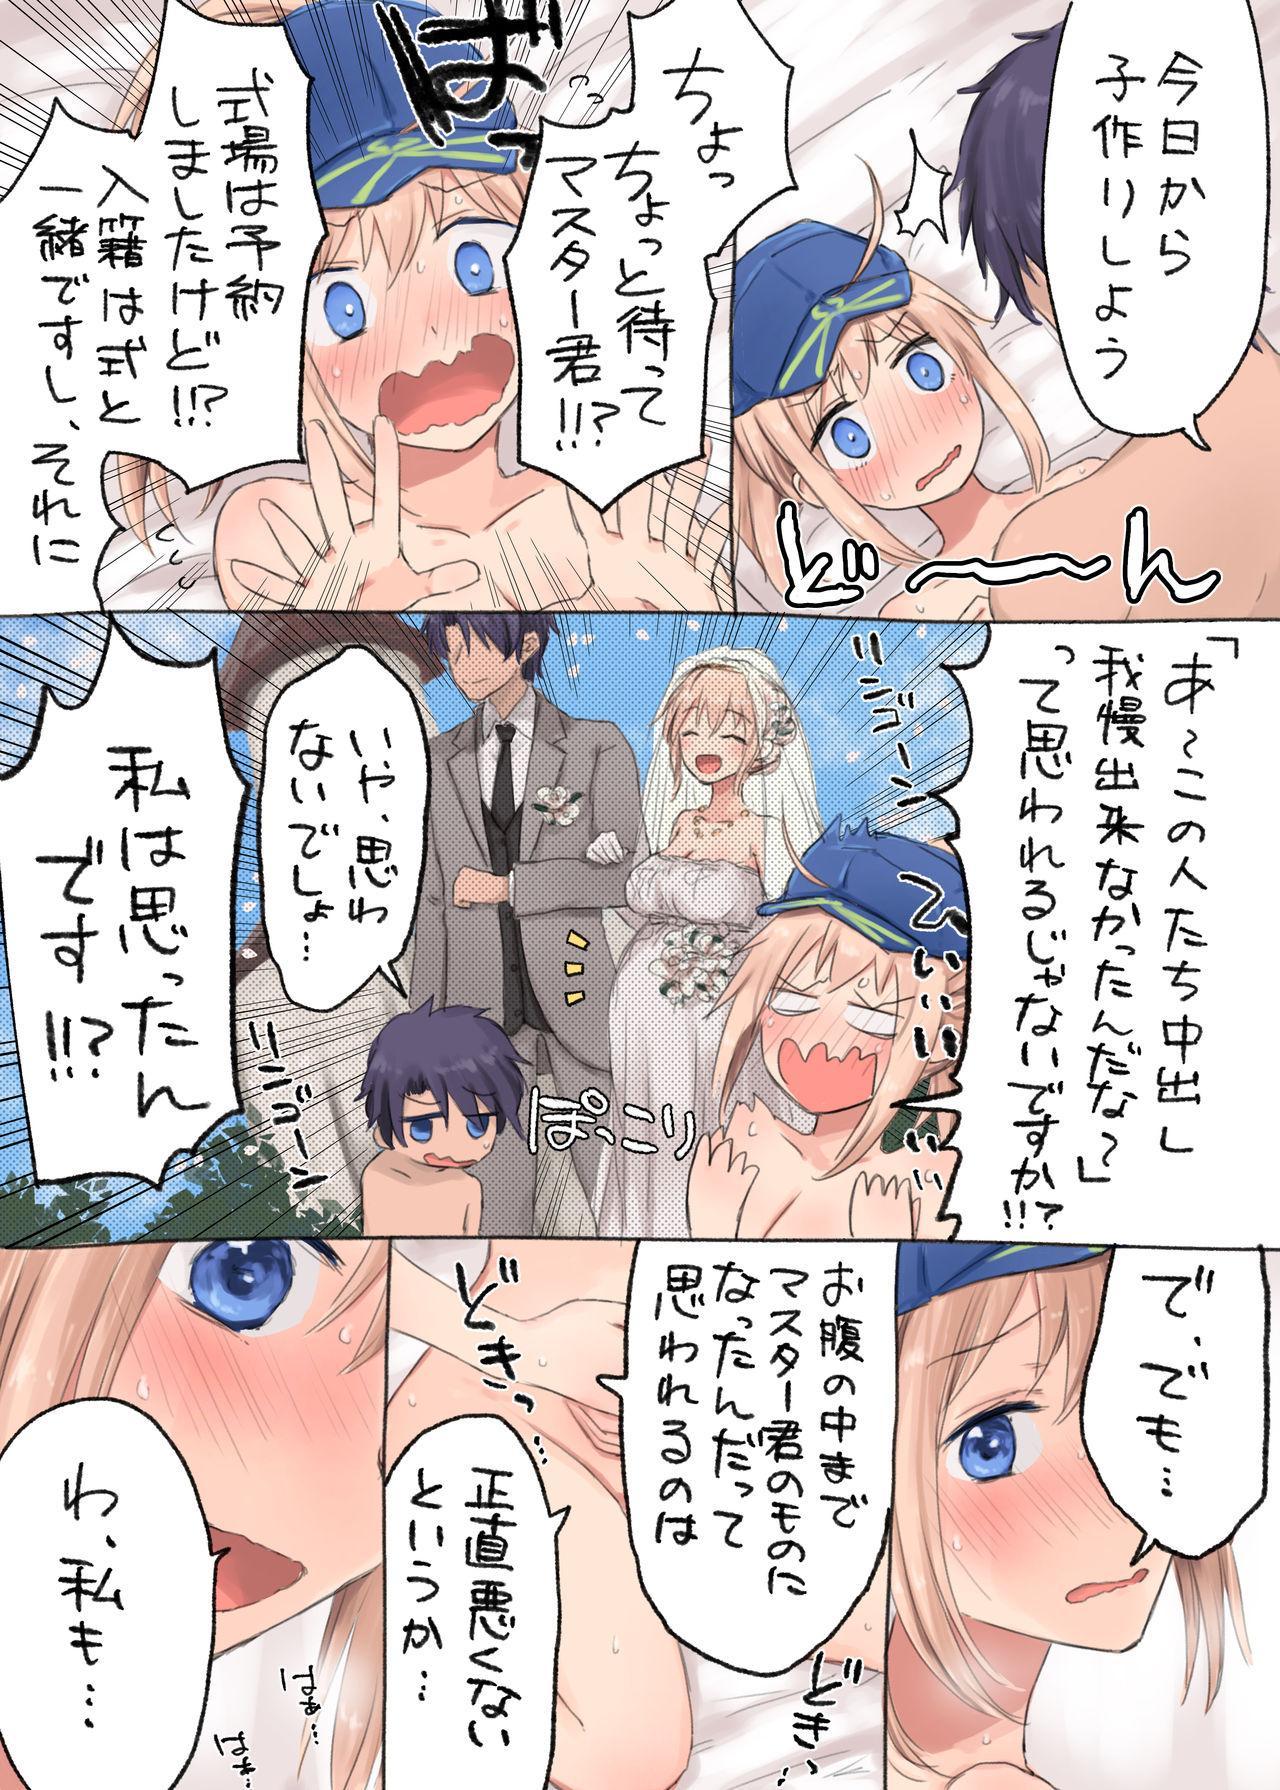 Uchi no Servant ni Haramasex shitaitte Itte mita 47